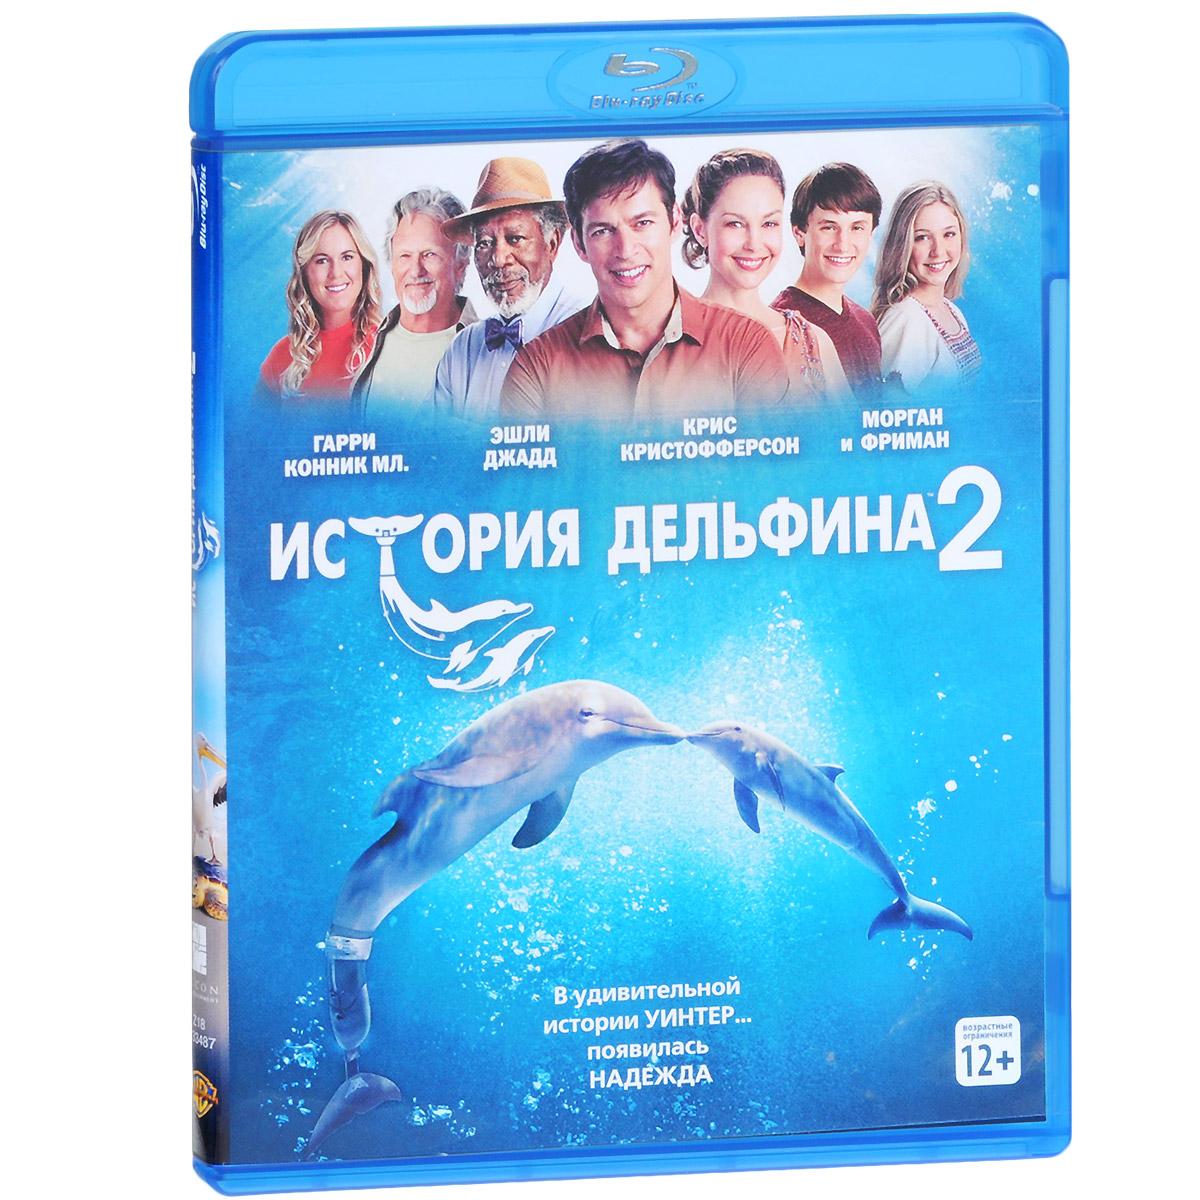 Гарри Конник-младший («Веселый эльф»), Эшли Джадд («Свидетель»), Крис Кристофферсон («Танцуй со мной»)в драме Чарльза Мартина Смита «История дельфина 2» Вдохновляющая история Уинтер не закончилась. Спустя несколько лет после протезирования хвоста, Уинтер лишается суррогатной мамы и остаётся одна. Теперь опечаленный дельфин не хочет общаться даже со своим лучшим другом-человеком Сойером. Хуже того, Уинтер могут переселить из аквариума, ведь по закону дельфинов нужно содержать парами. Доктору Клэю Хаскету и его команде не удаётся найти соседа для Уинтер. Ещё немного, и они лишатся своей любимицы. Однако затем, по воле судьбы, в их жизни появляется Надежда.